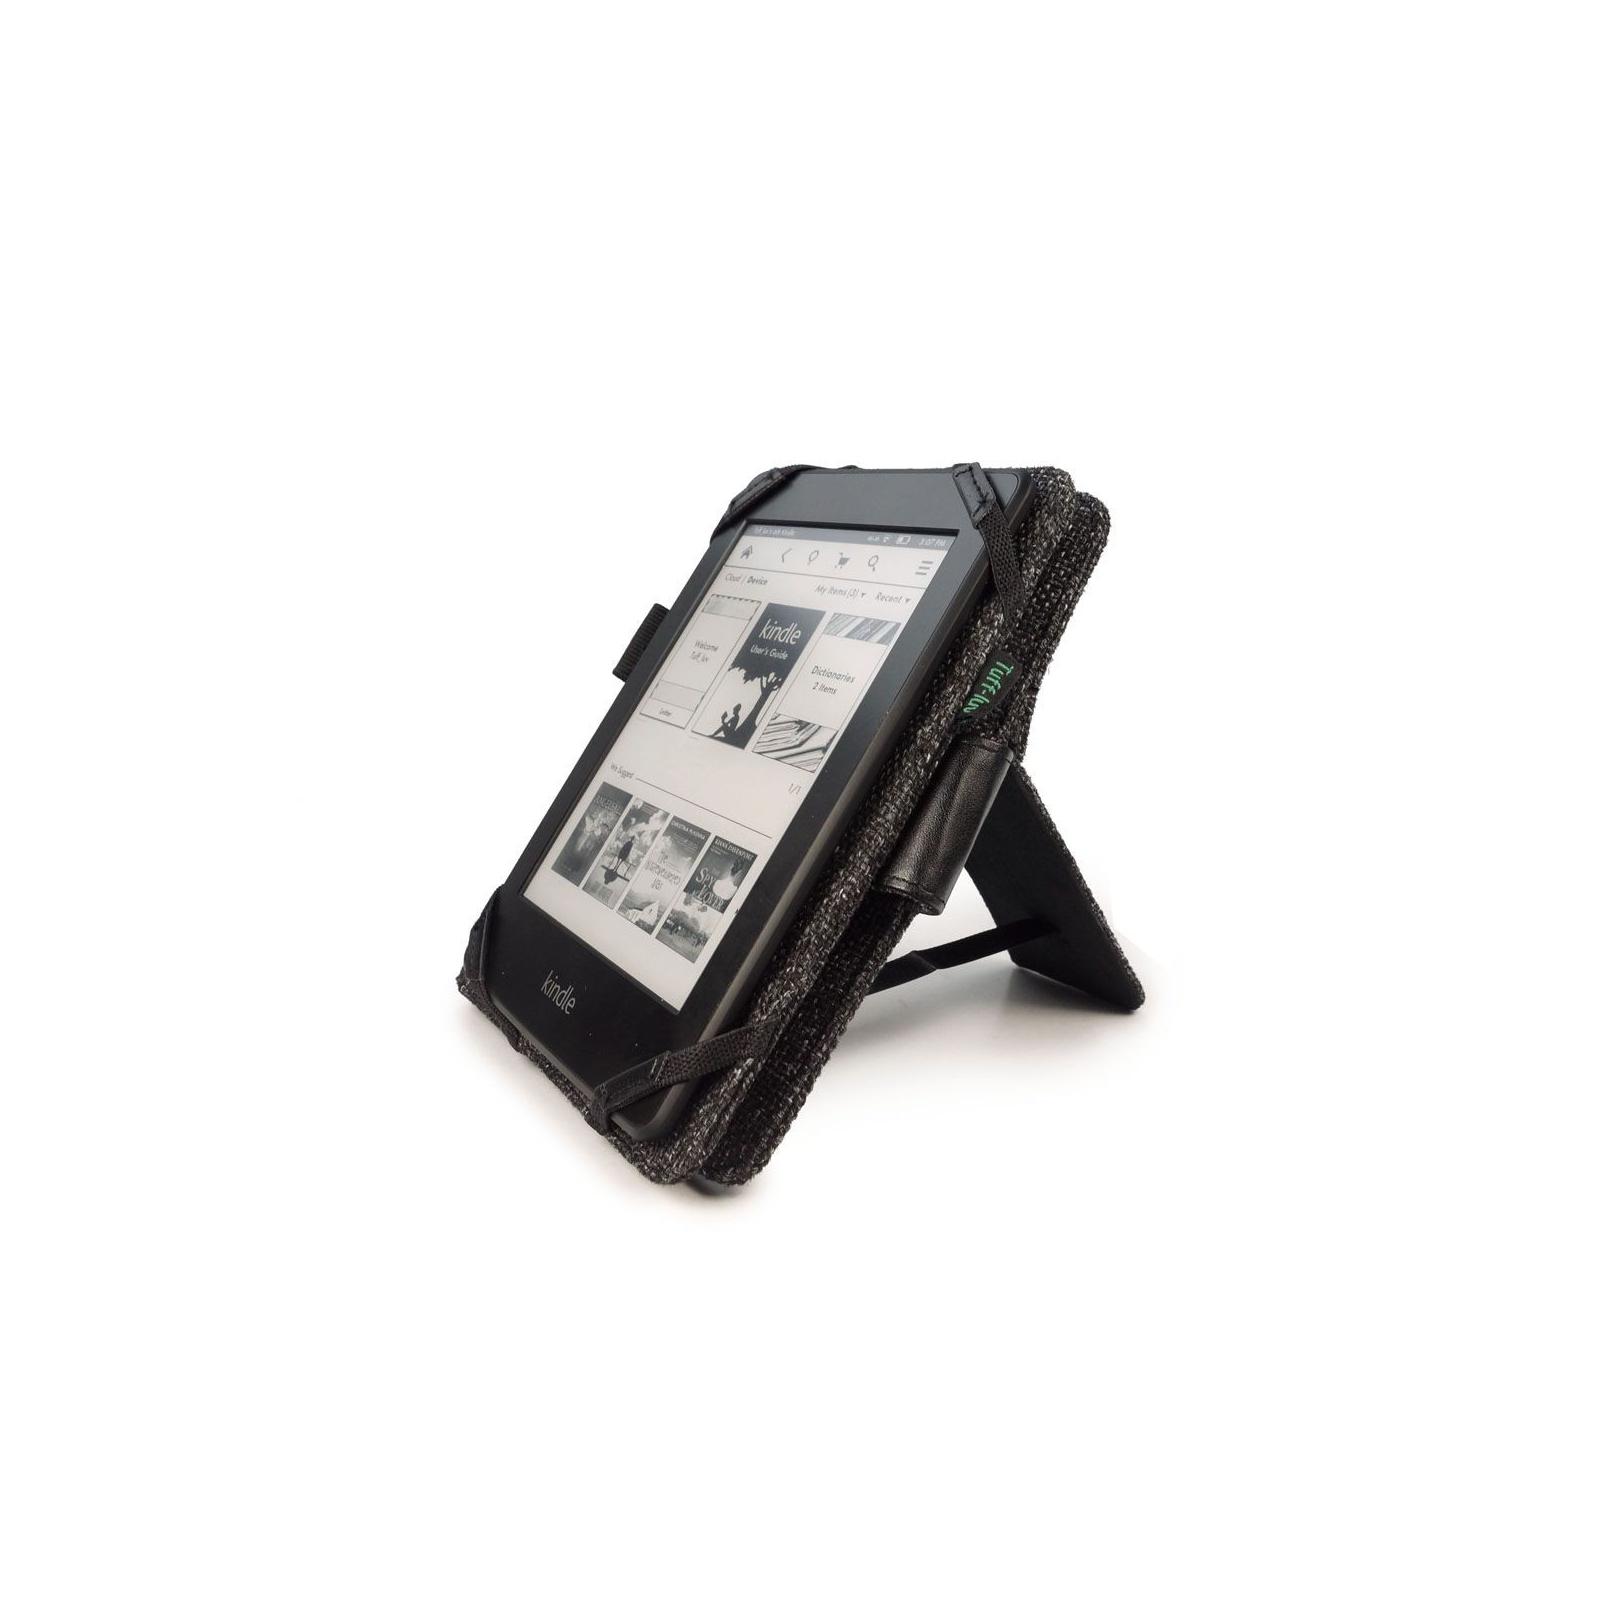 Чехол для электронной книги Tuff-Luv 6 Embrace Plus Hemp Charcoal Black (I3_16) изображение 3